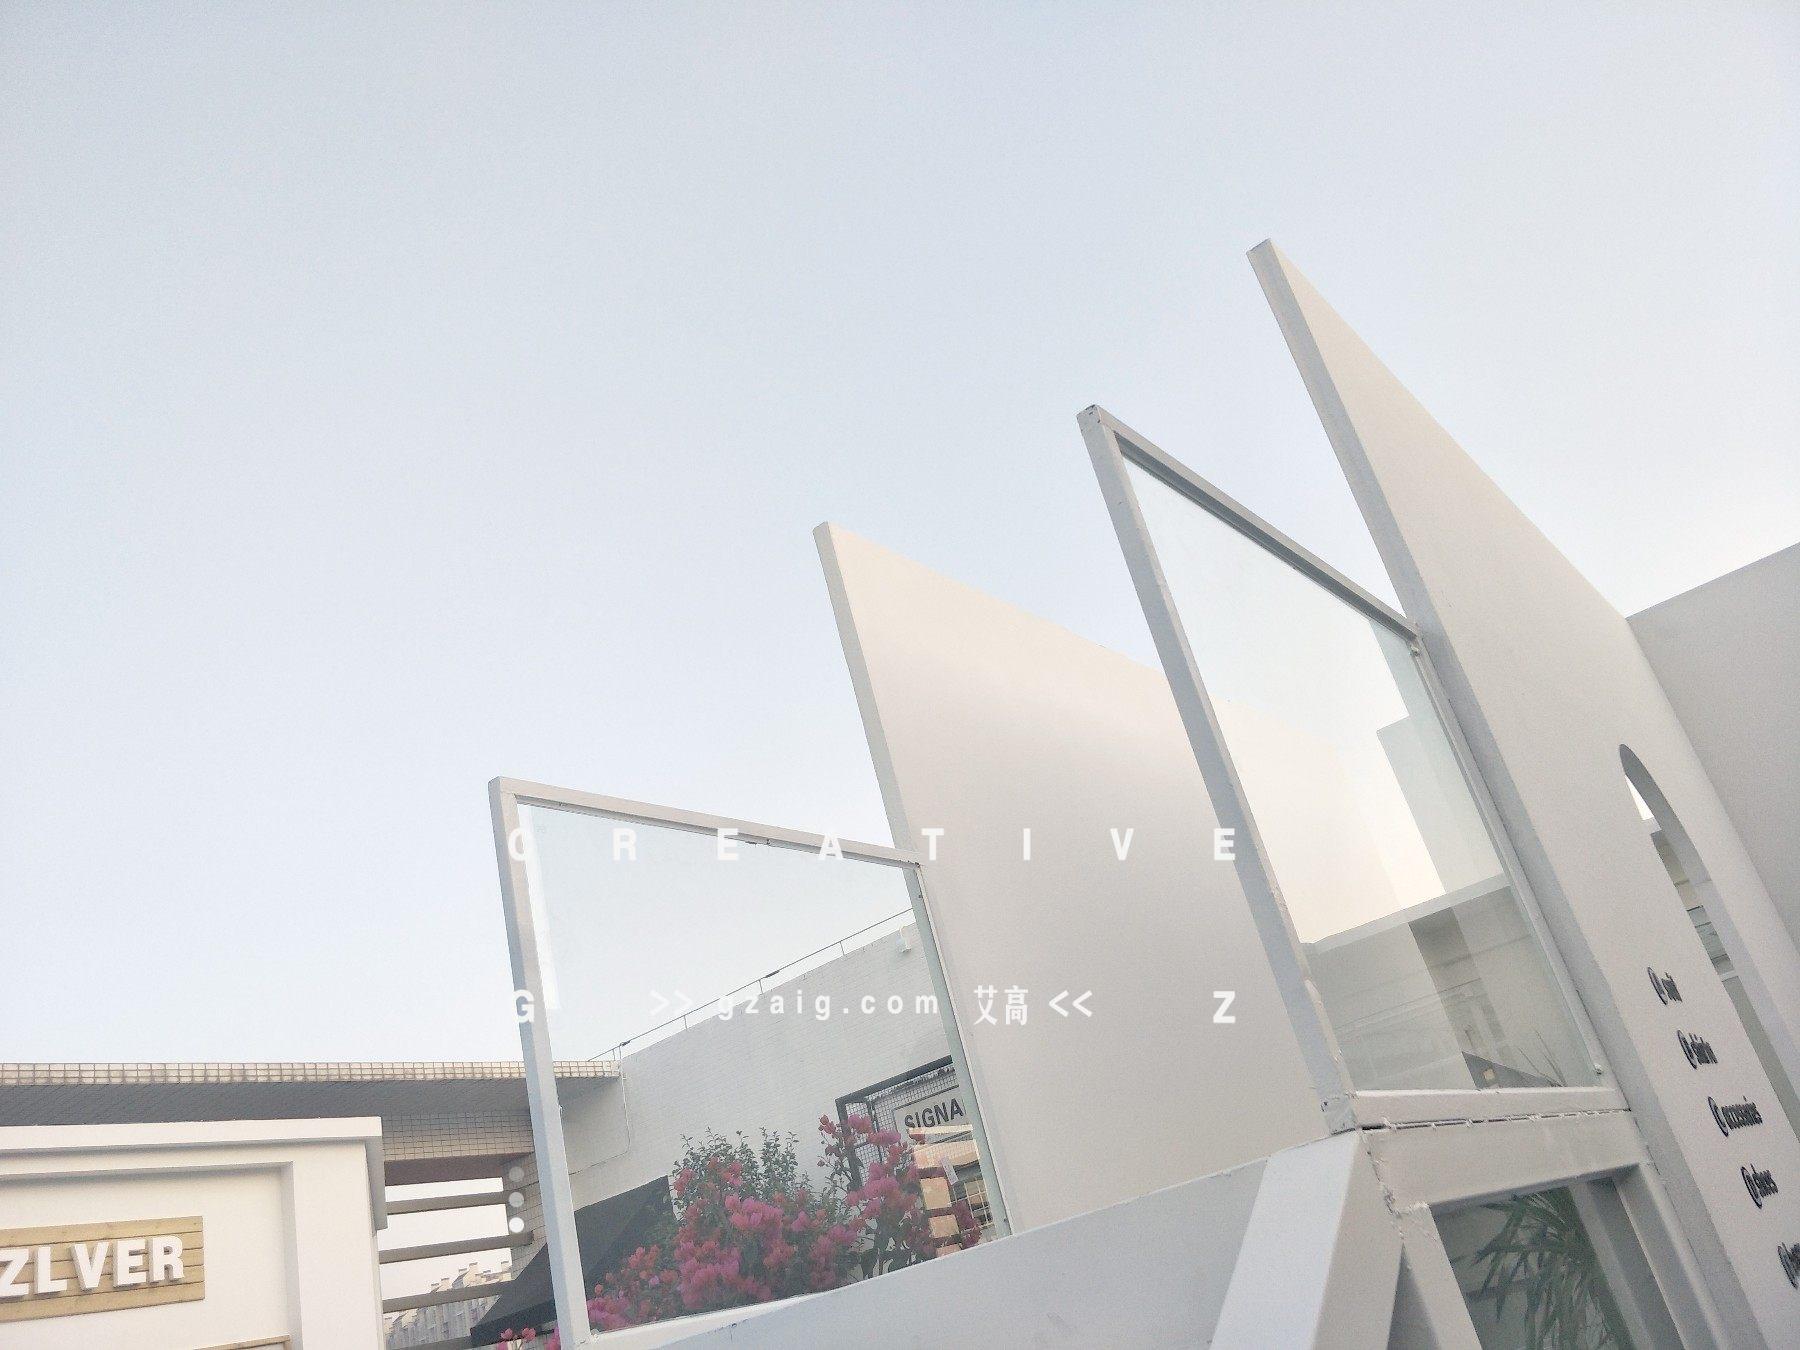 7楼外景图片